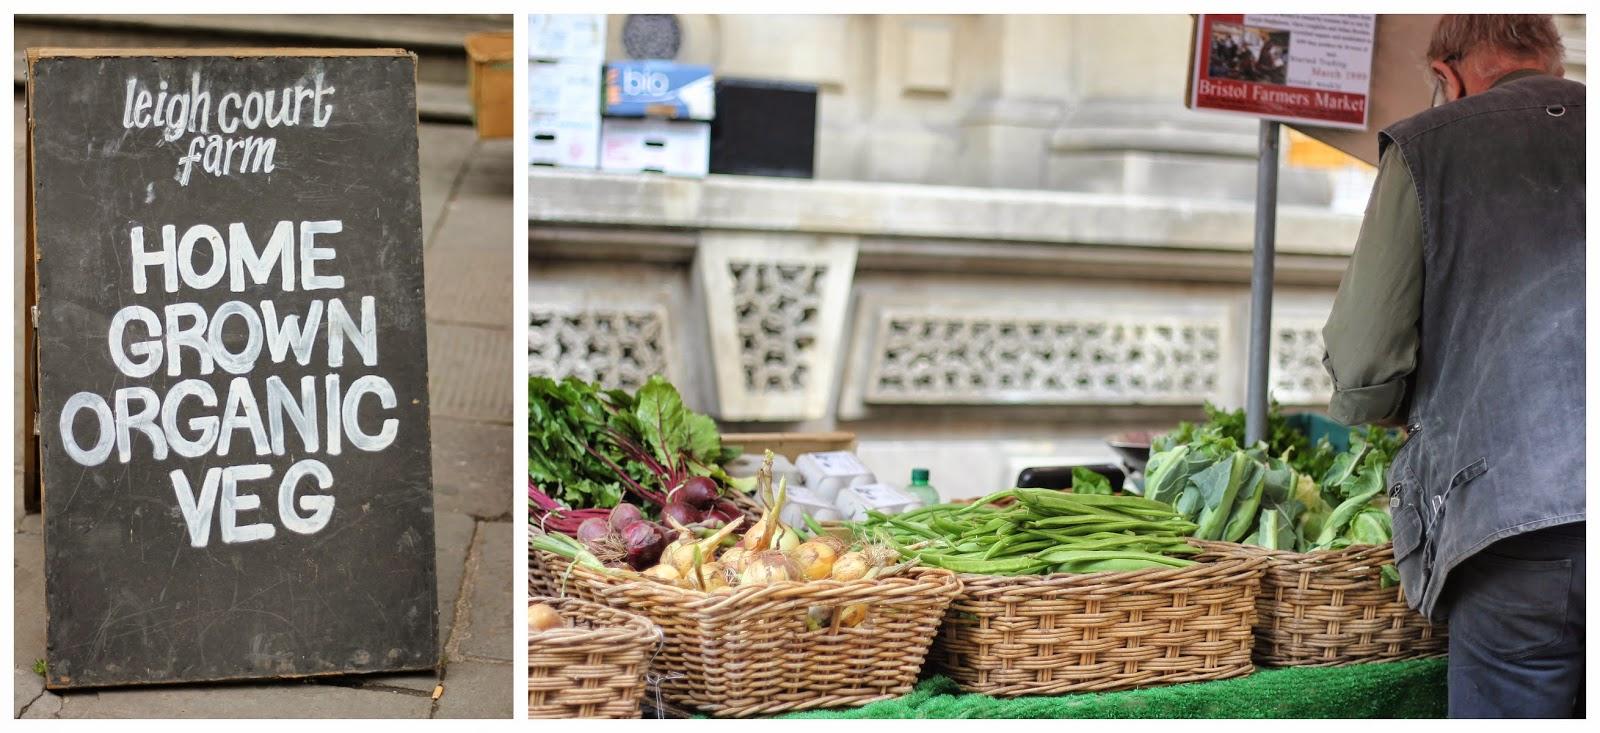 Street food stall Bristol